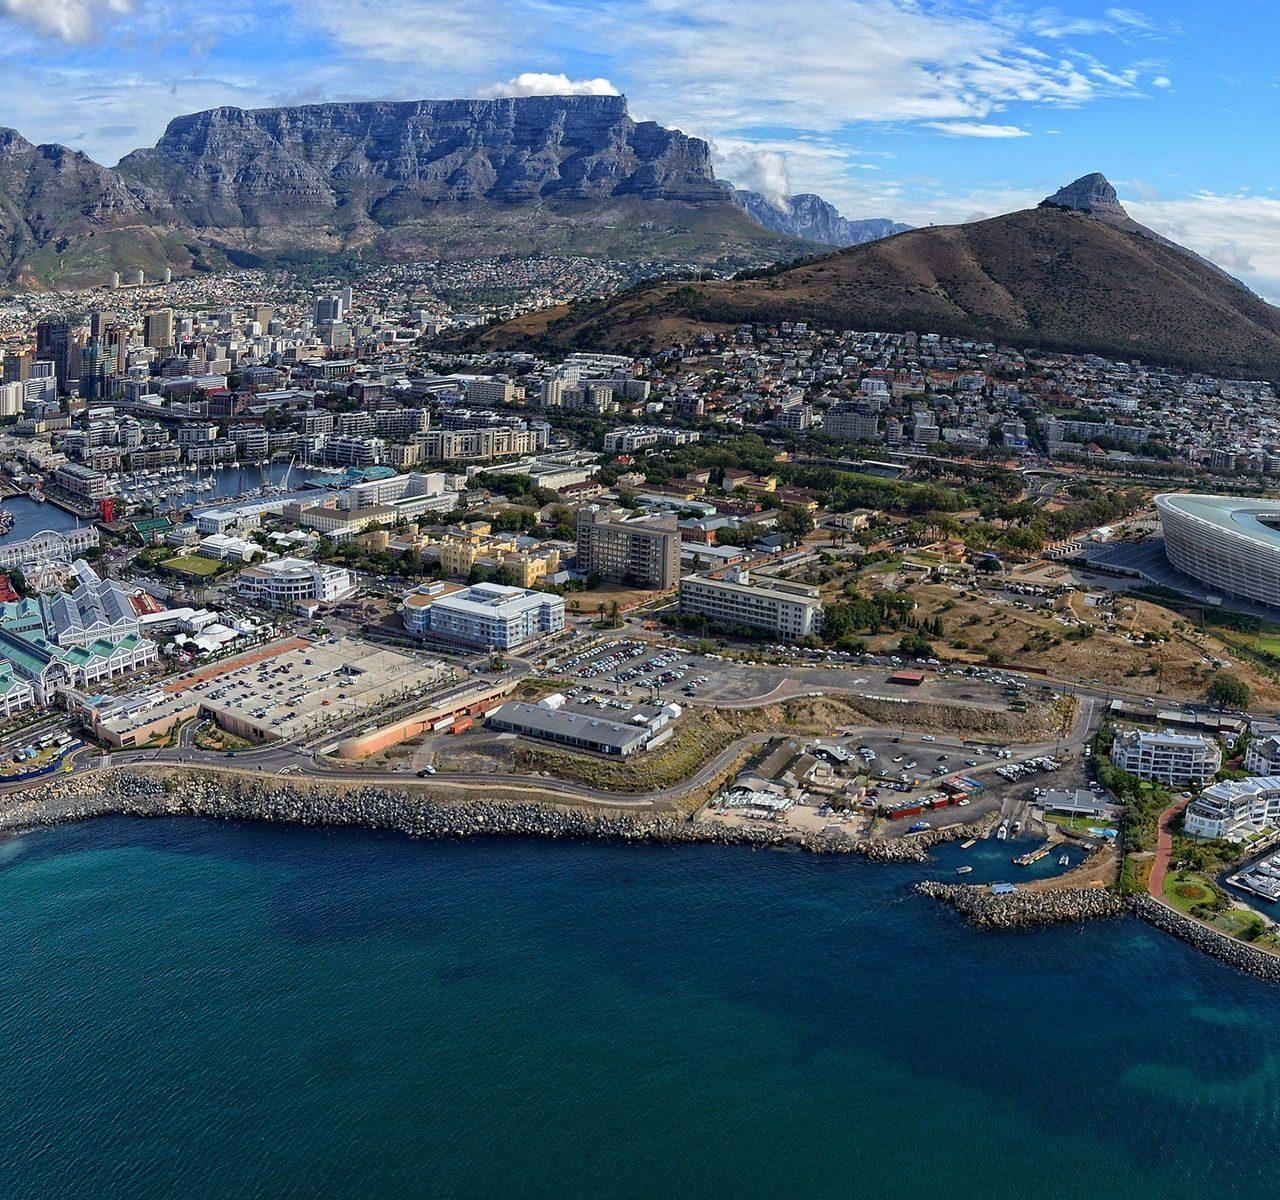 https://bluegeckotouring.com/wp-content/uploads/2019/10/Cape-Town-1280x1200.jpg